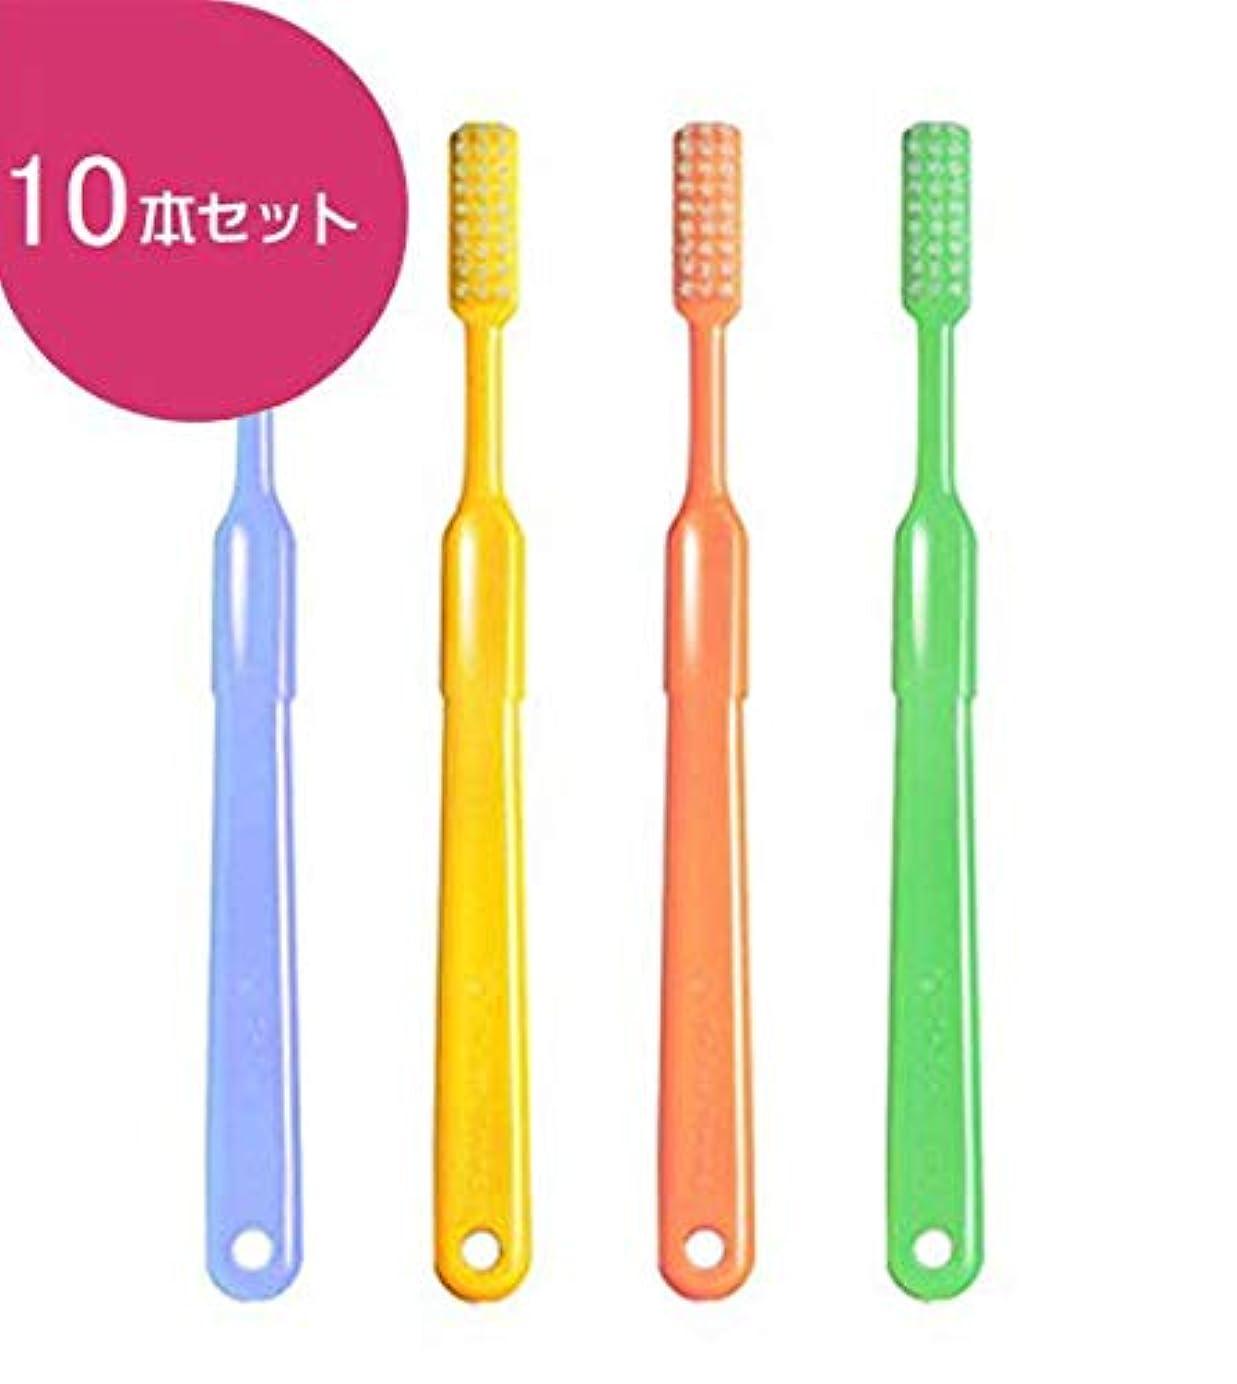 六分儀チキンジムビーブランド ドクター ビーヤング 歯ブラシ 10本 (ヤングハード)